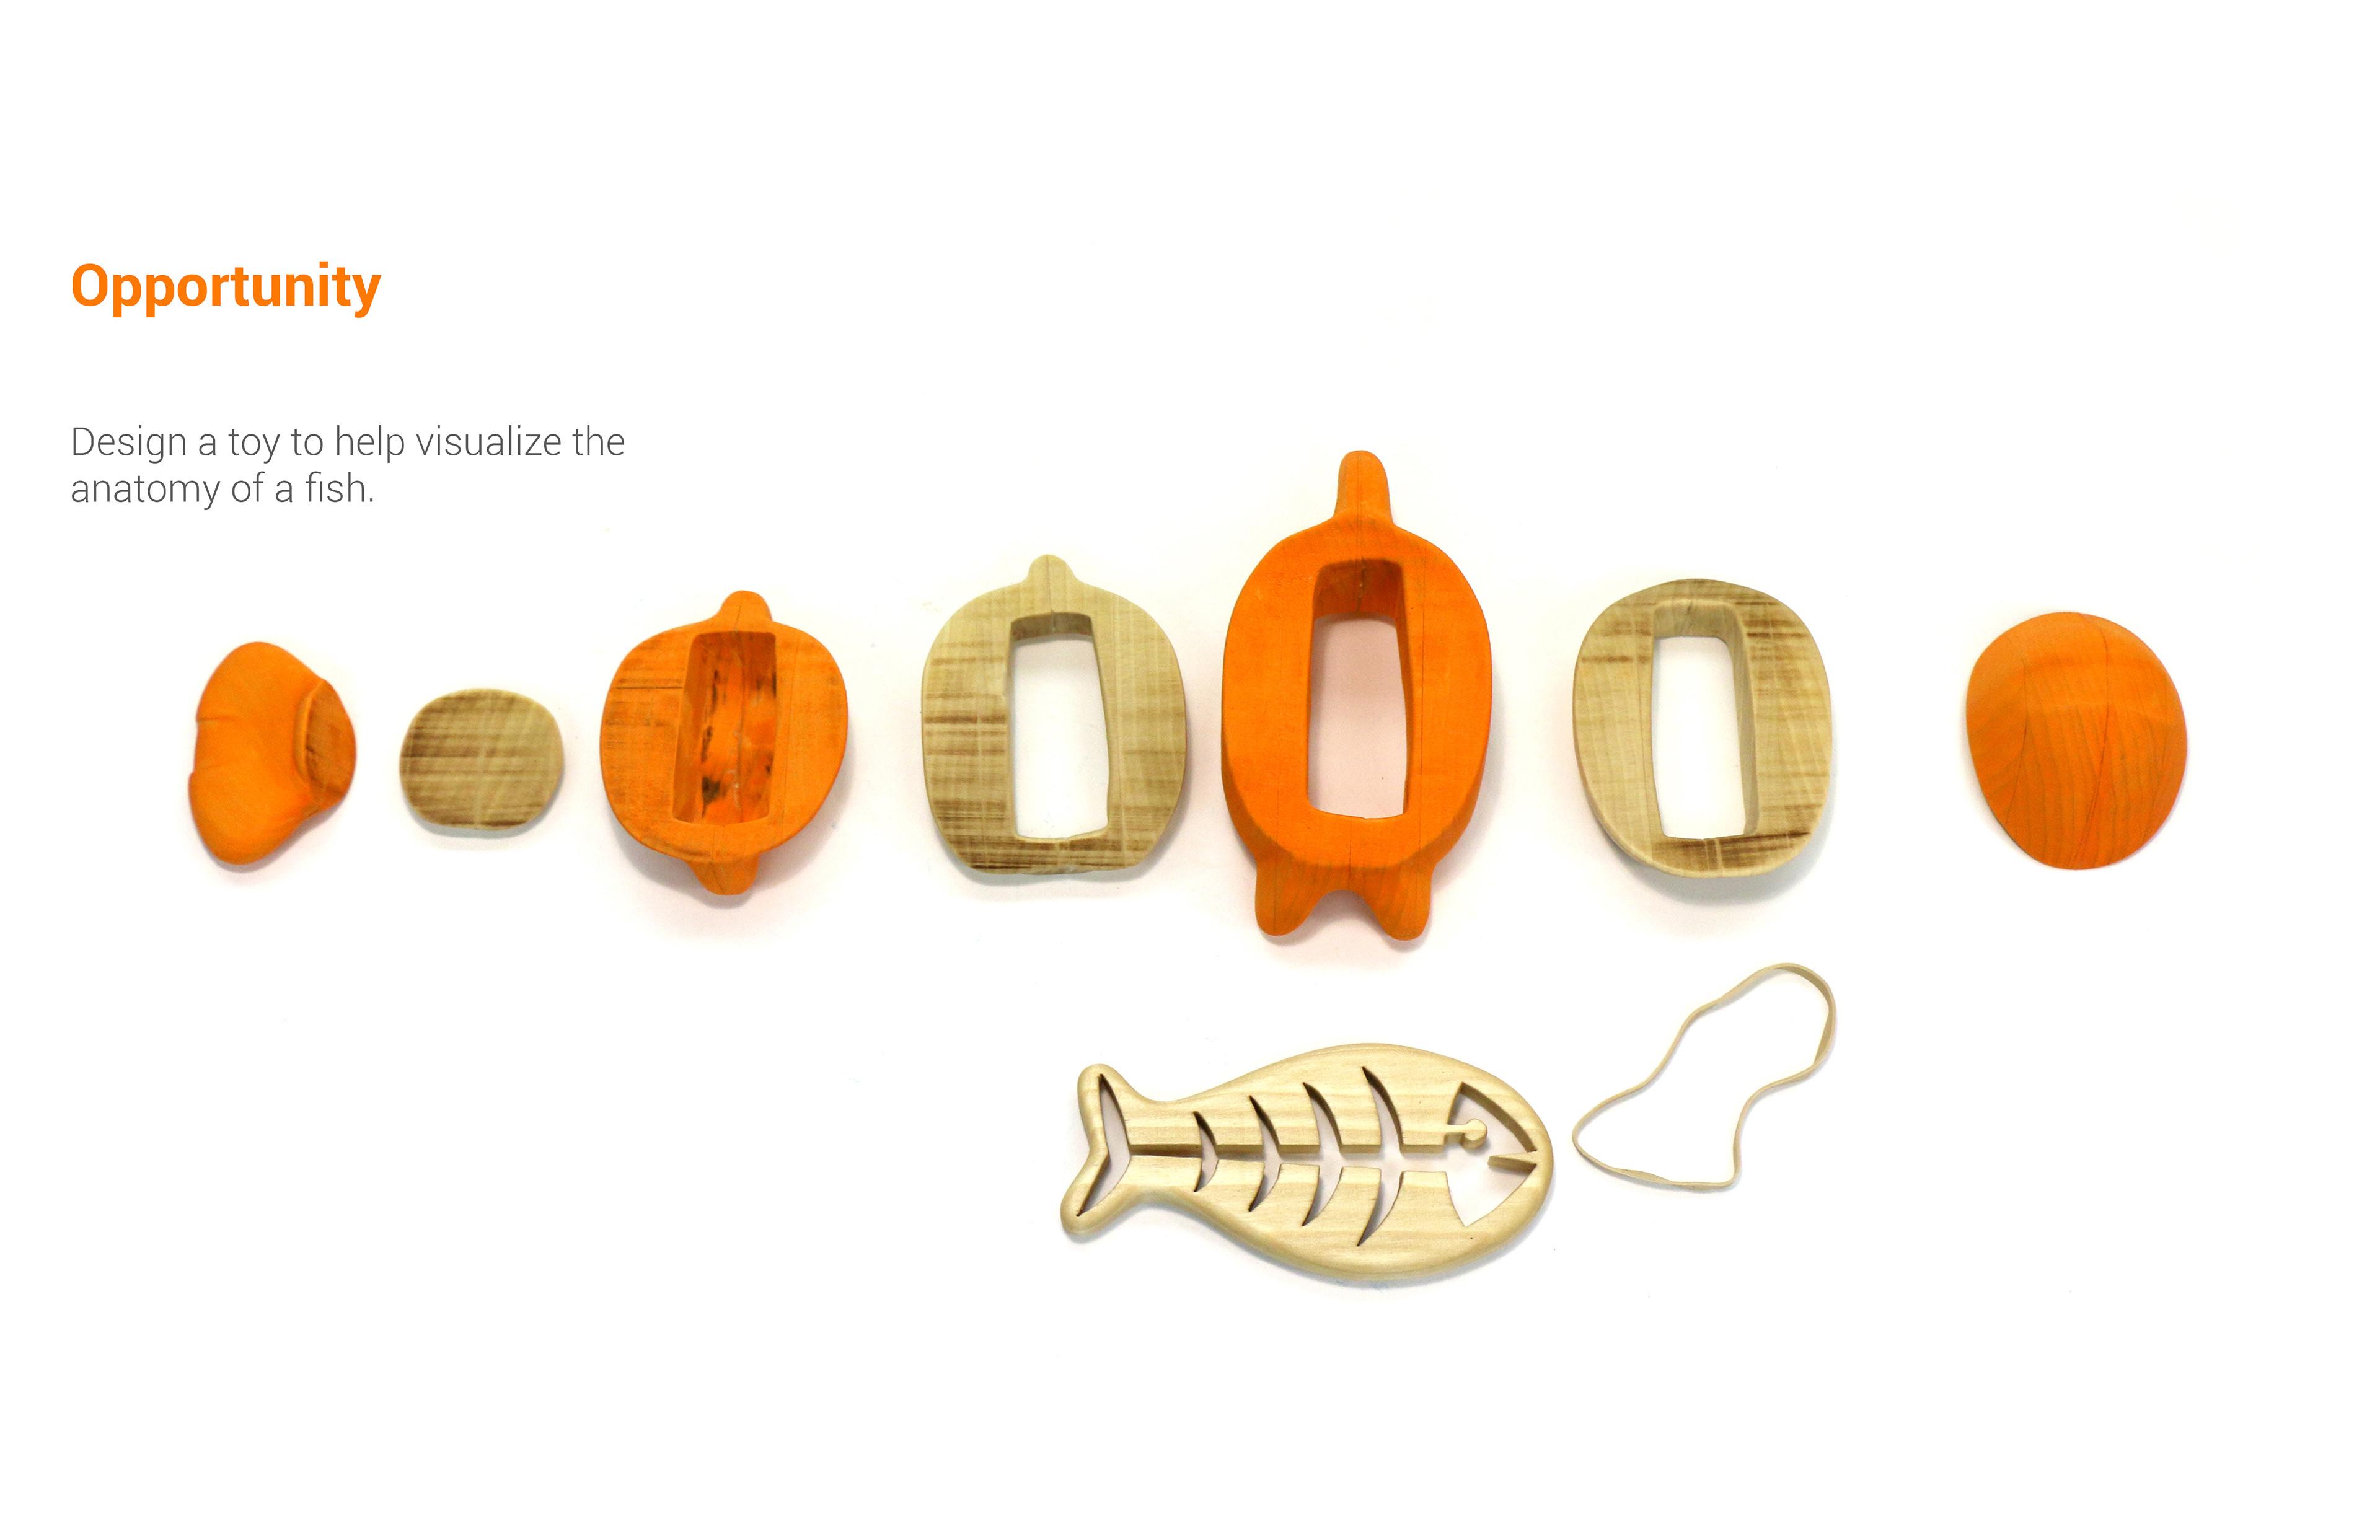 Ryan Zumbach - Clownfish Rubber Band Toy